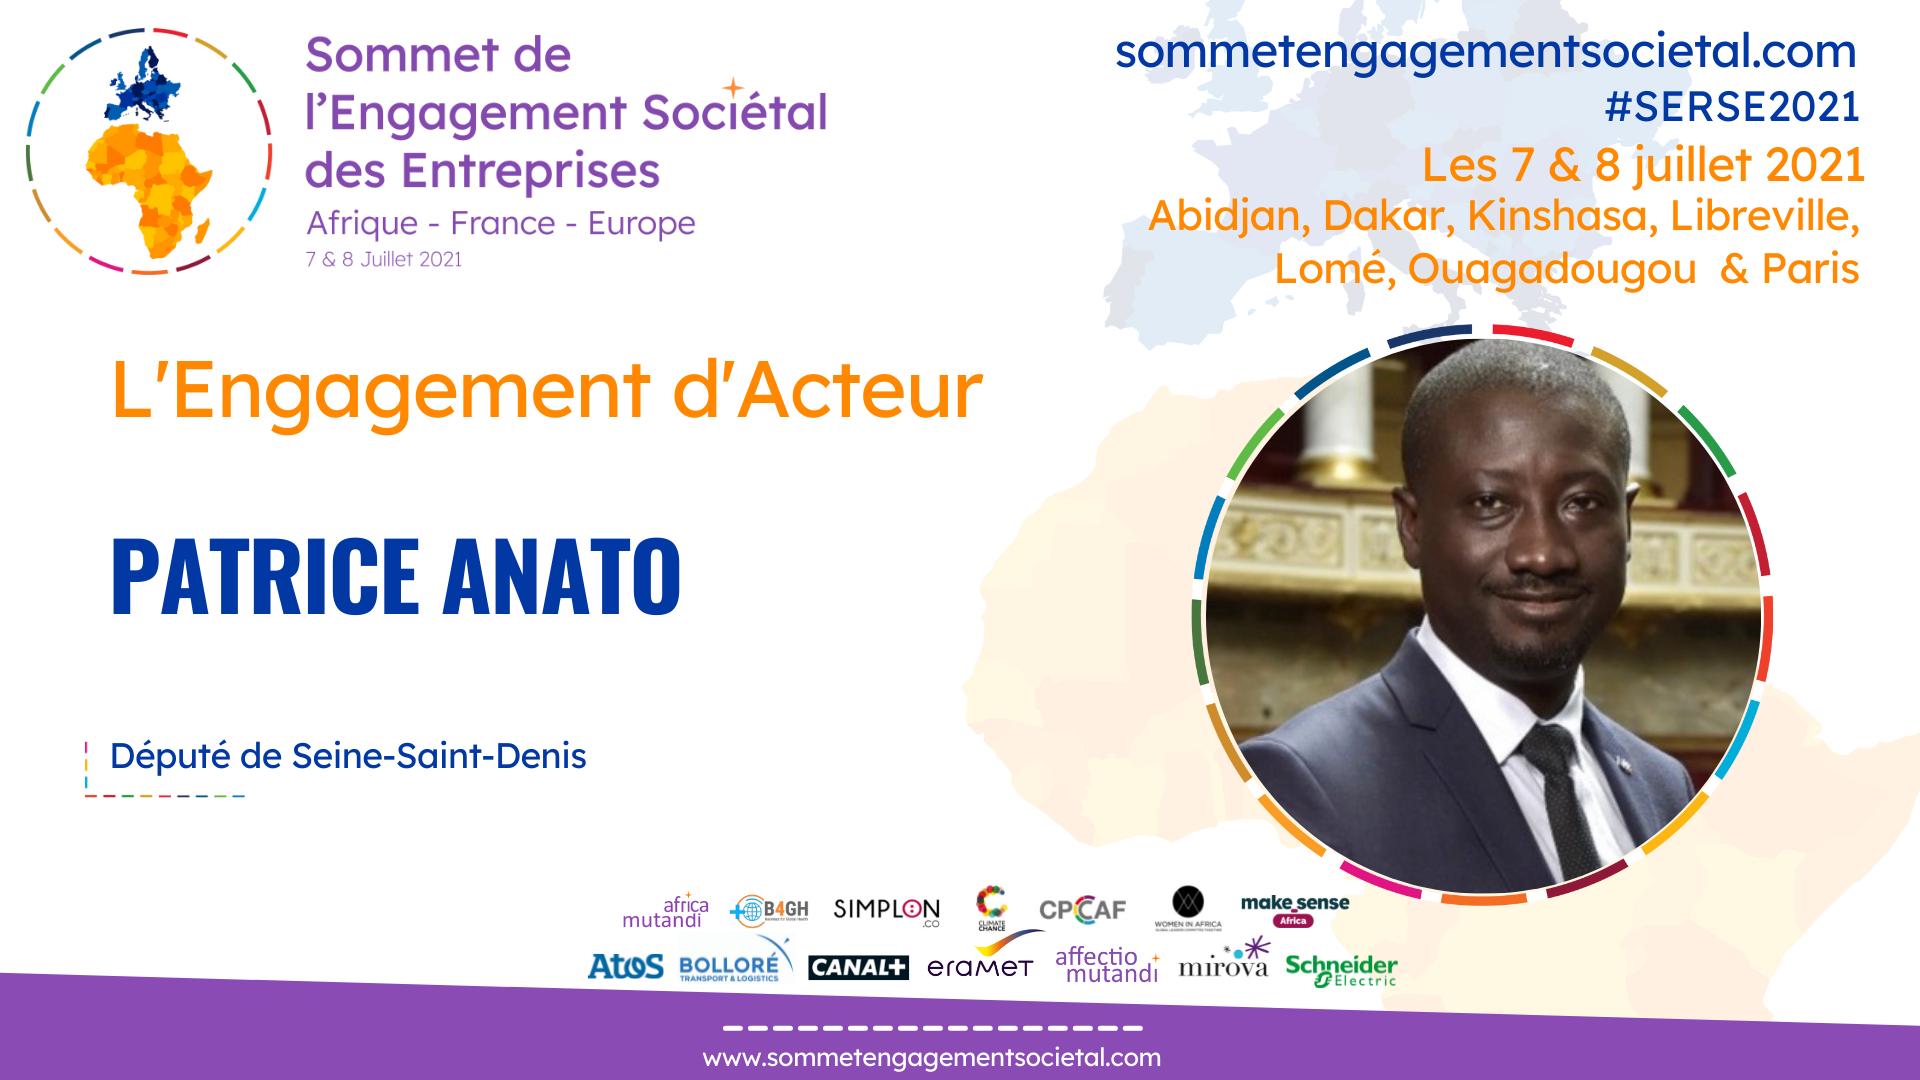 Patrice Anato appelle à un effort important pour le soutien à l'entrepreneuriat des femmes et l'inclusion numérique en Afrique